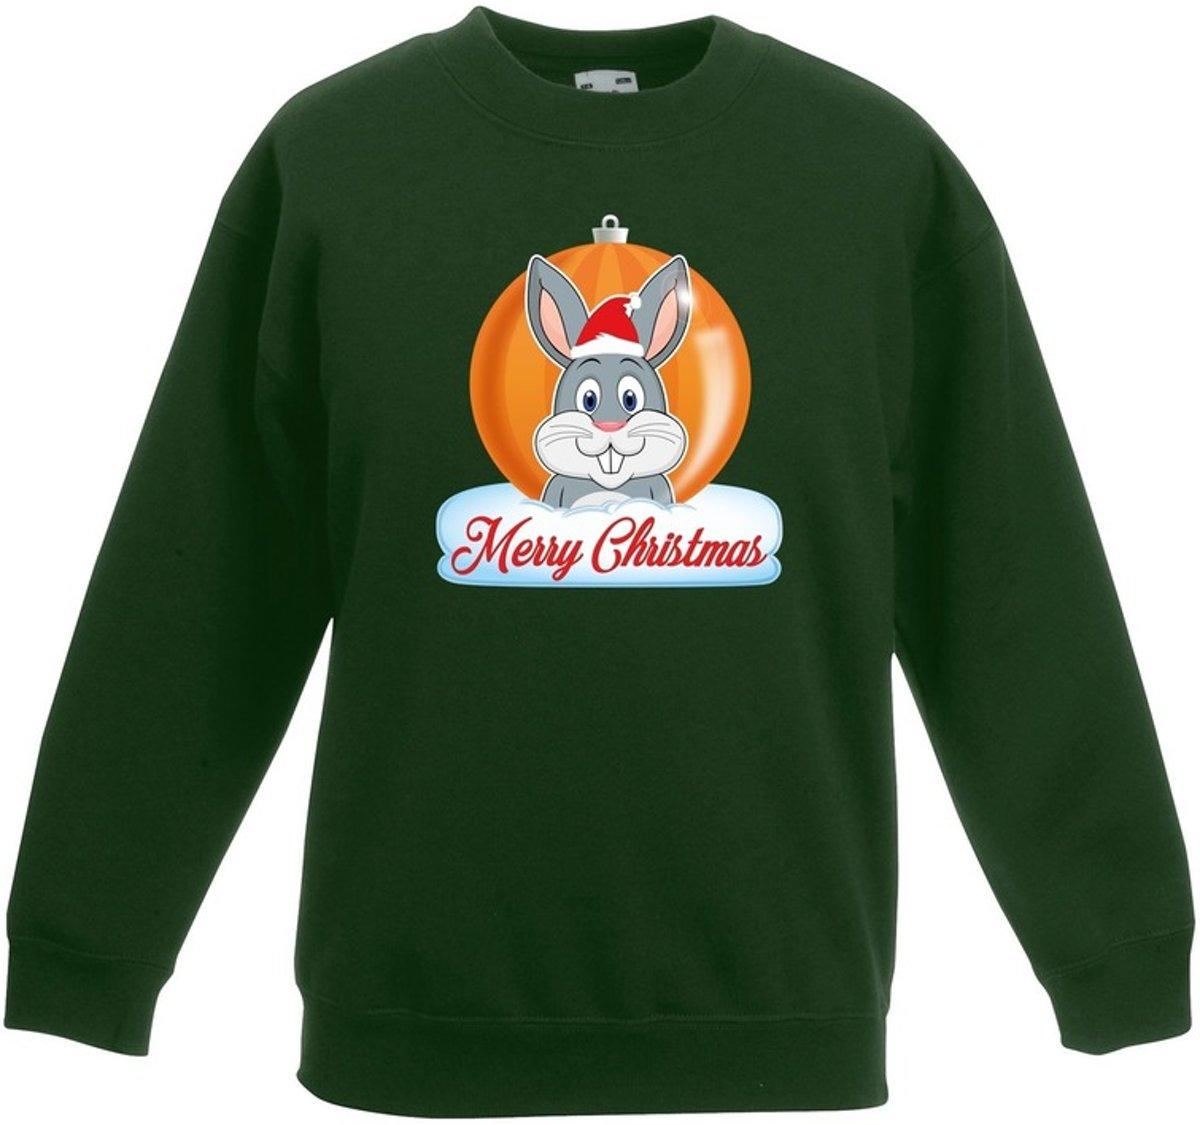 Kersttrui Merry Christmas konijn kerstbal groen jongens en meisjes - Kerstruien kind 3-4 jaar (98/104) kopen